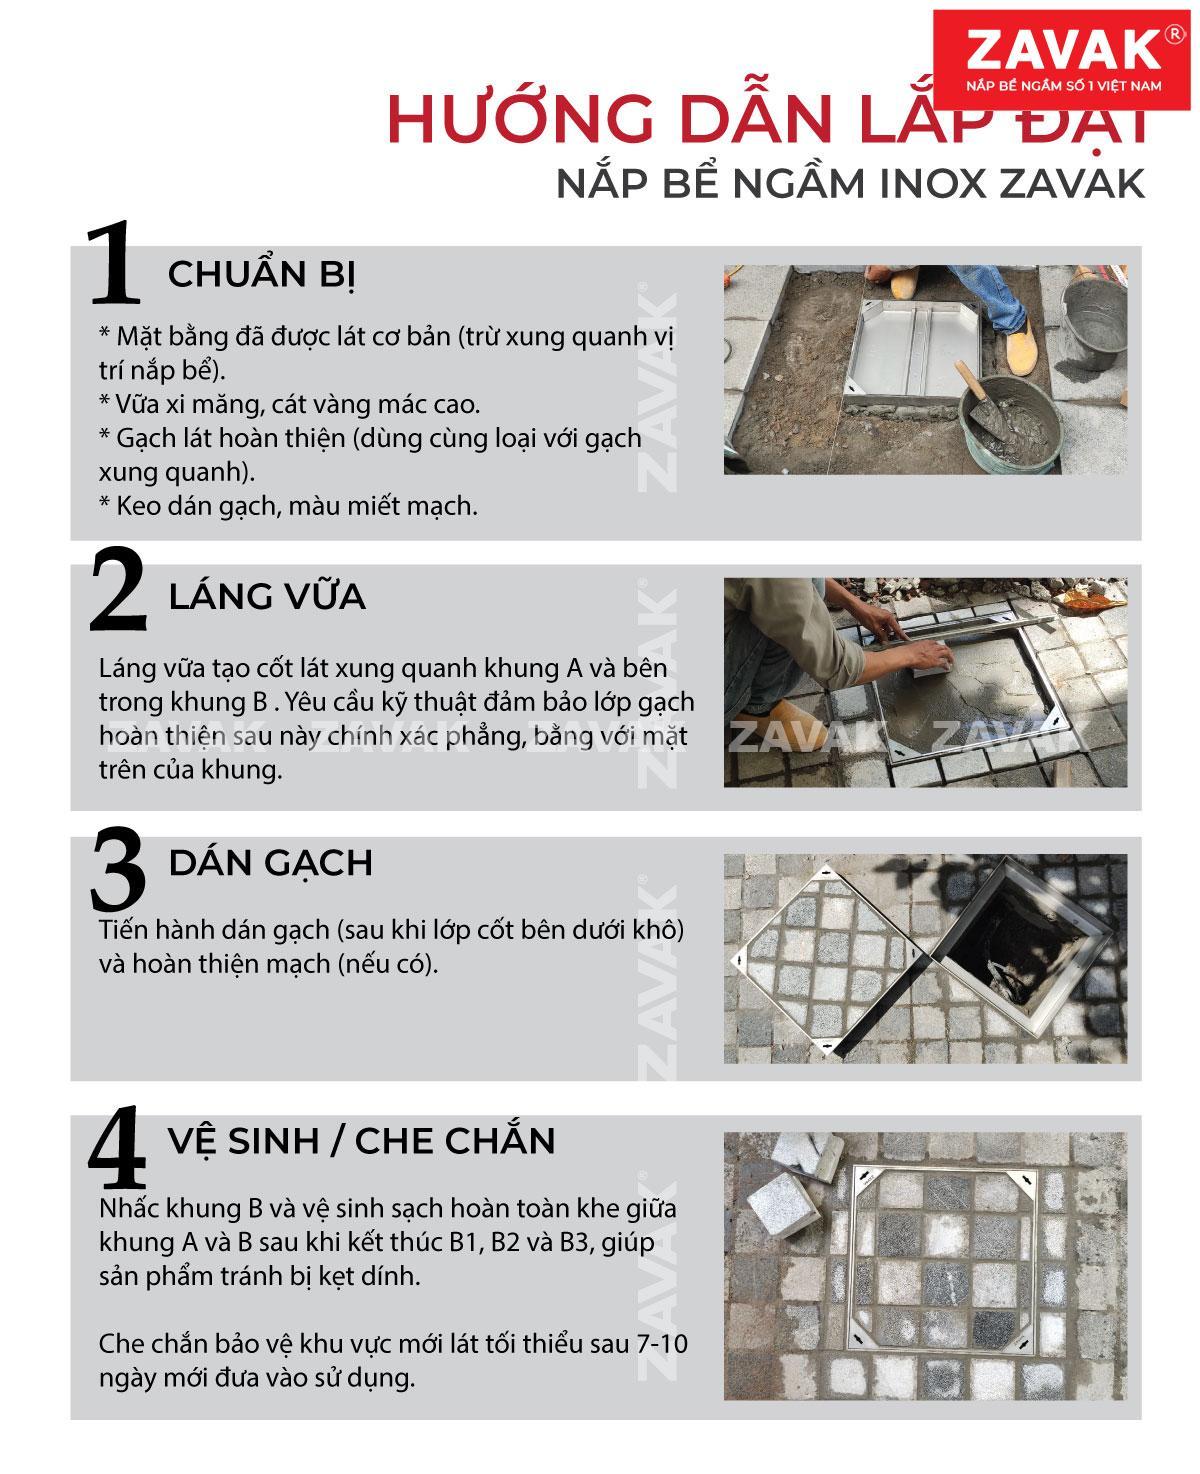 Hướng dẫn lắp đặt nắp bể ngầm inox Zavak lát gạch âm sàn